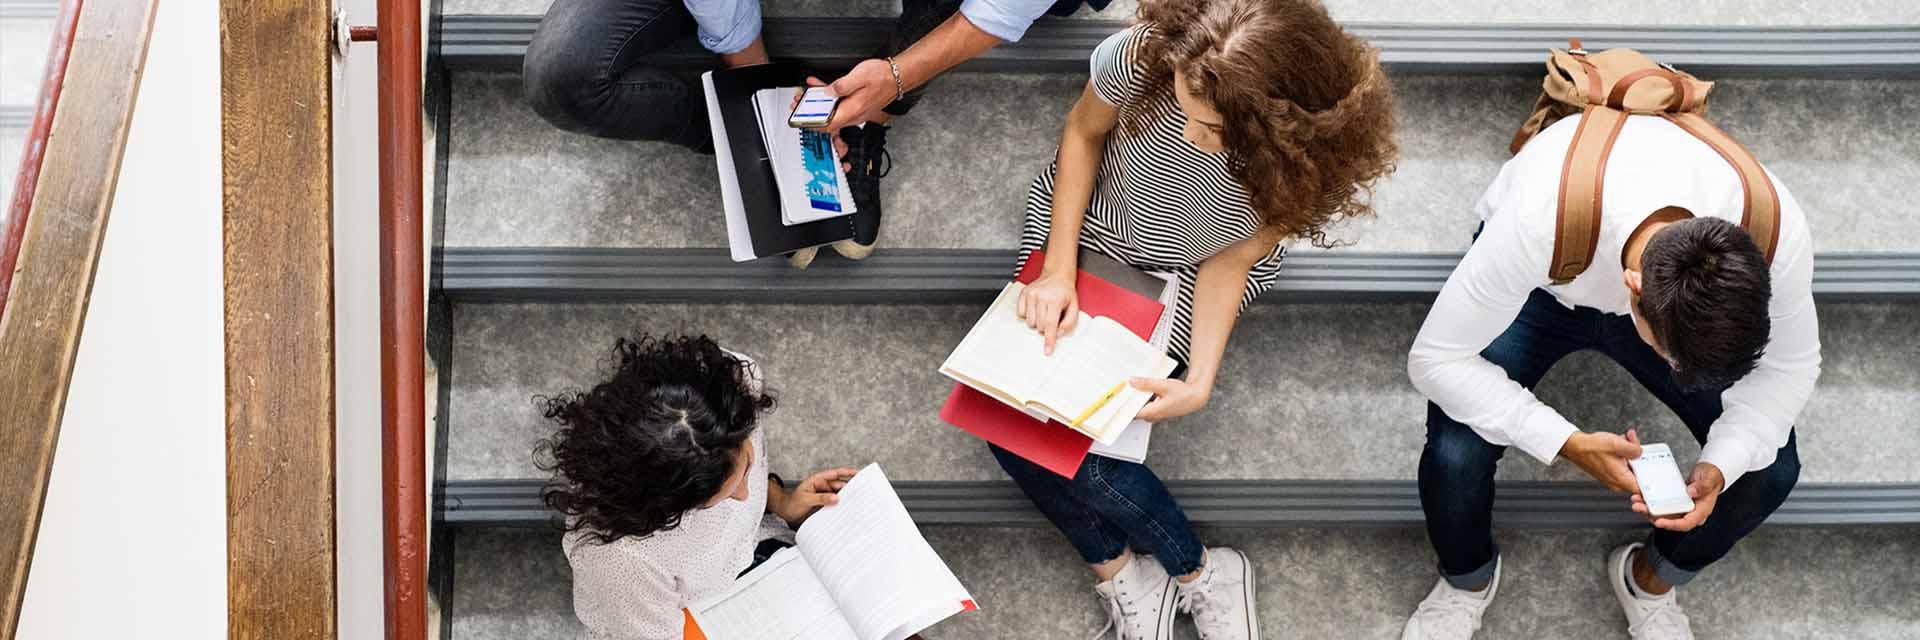 L'Università di Urbino ti invita a diventare Studente universitario per un giorno